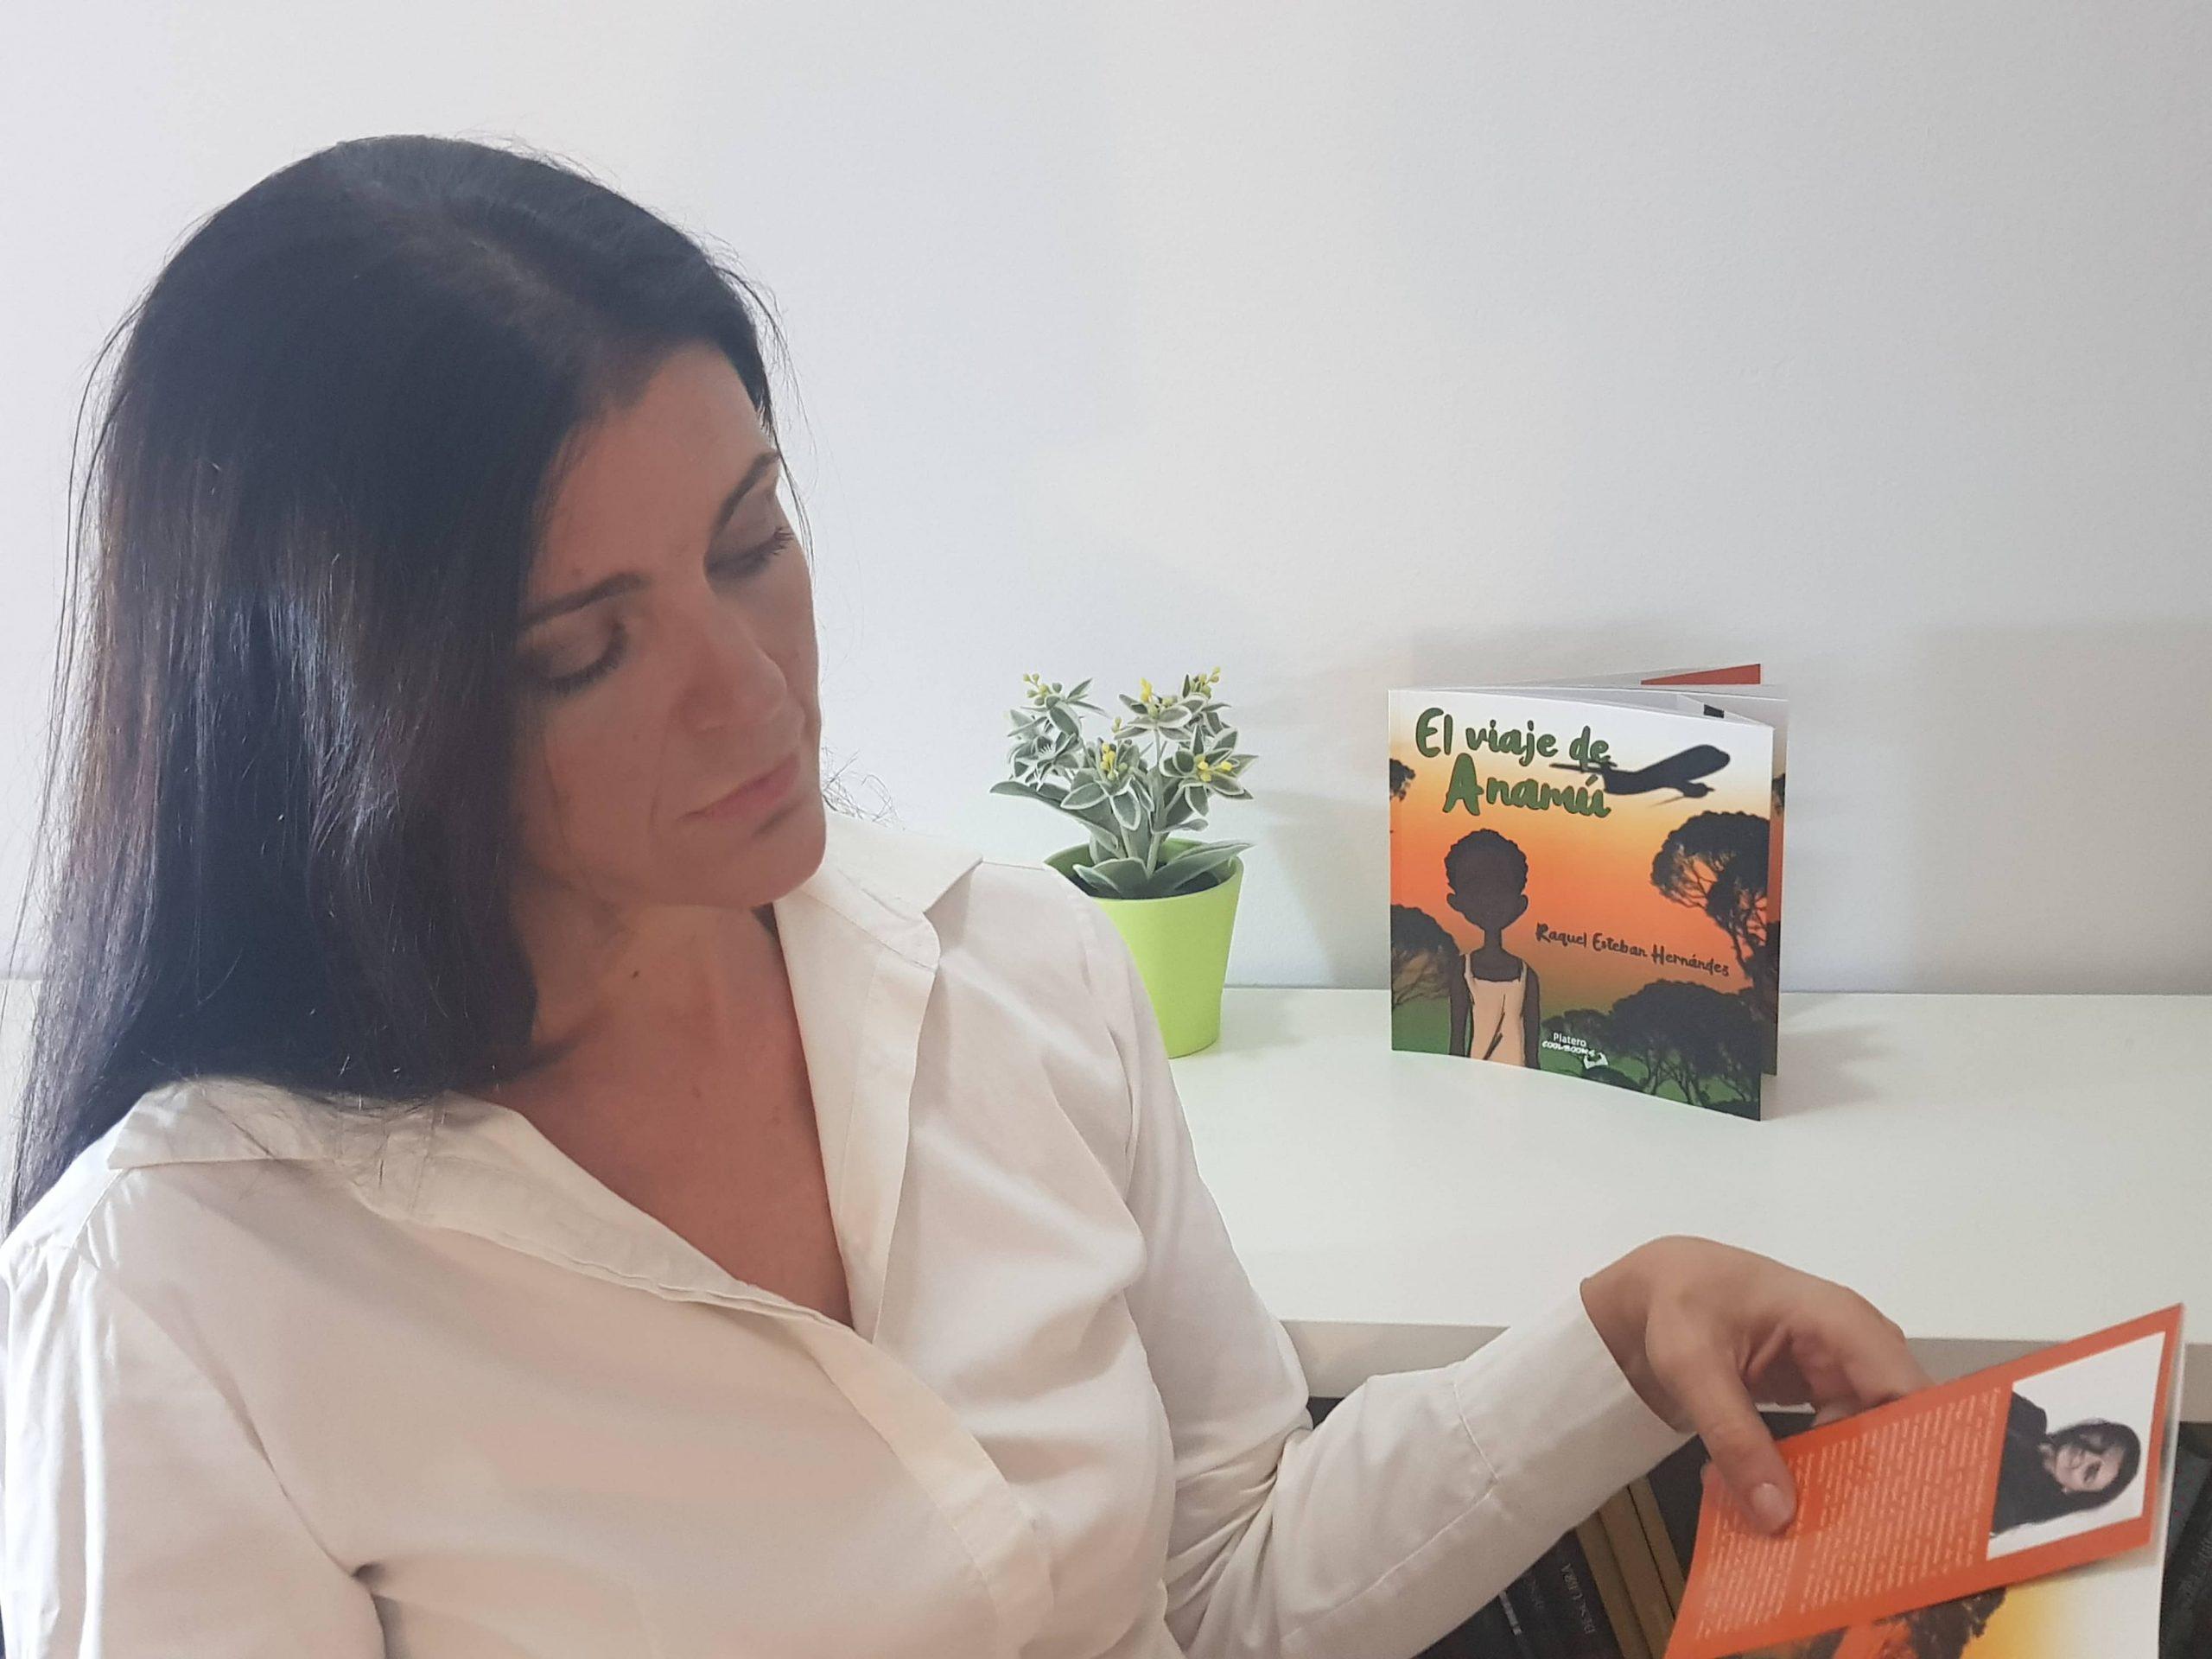 Raquel Esteban presentará el sábado 23 de octubre su obra en San Martín de la Vega (Madrid)